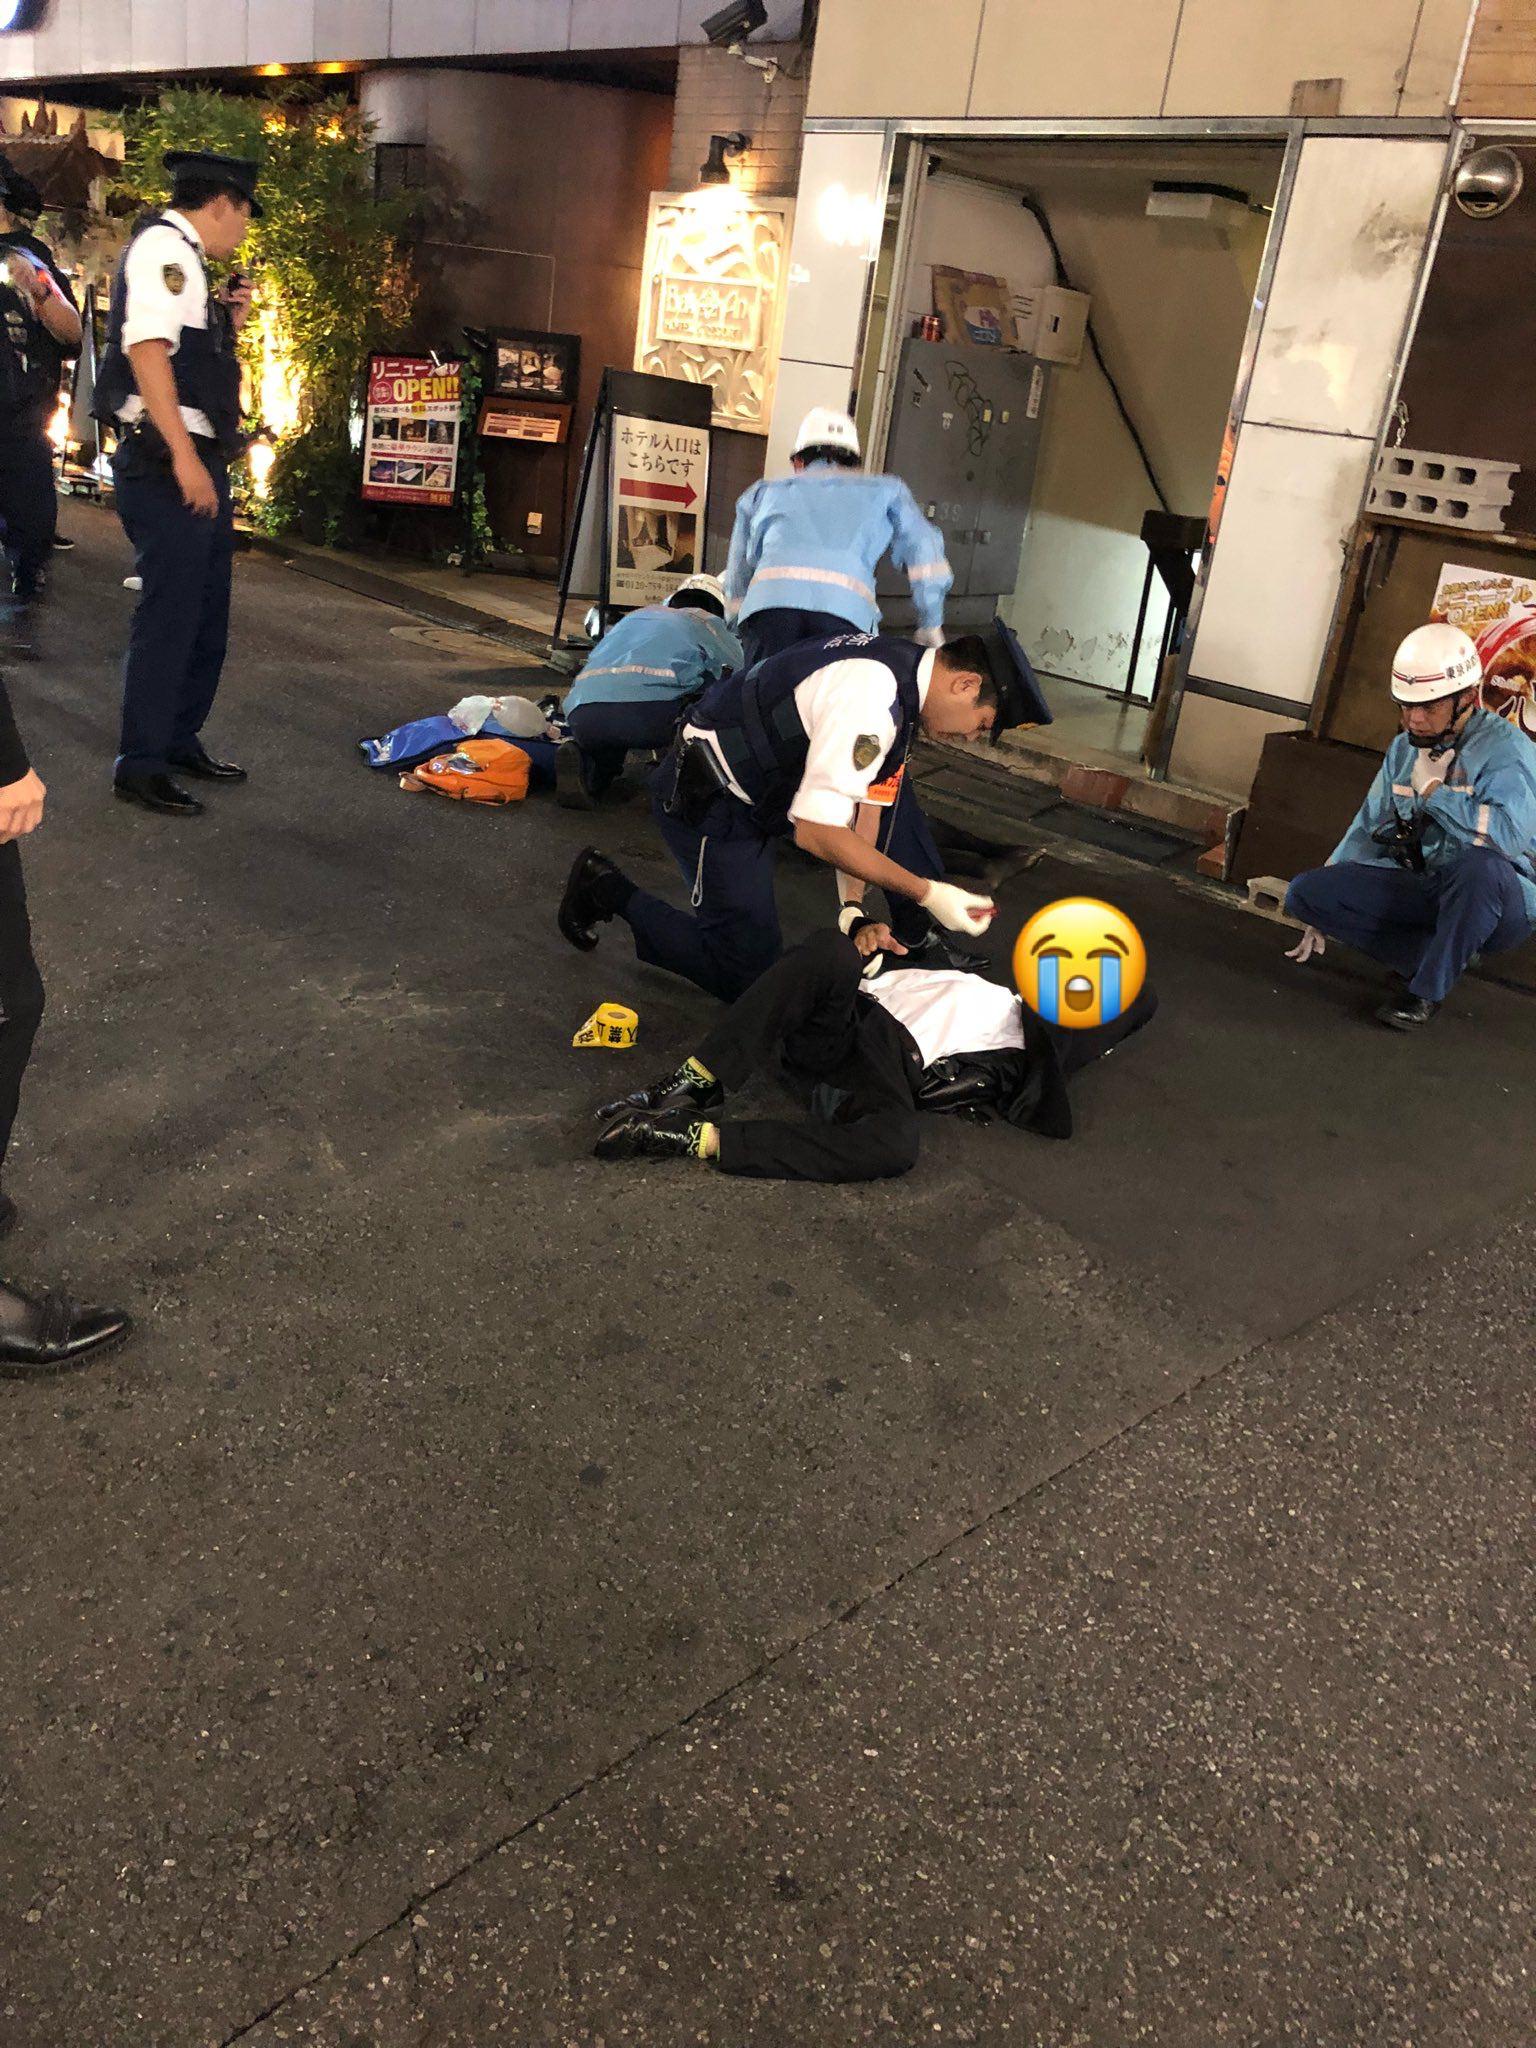 【歌舞伎町】ビル8階から20代の女性が飛び降り死亡、巻き込まれた通行人20代男性けがの画像4-2